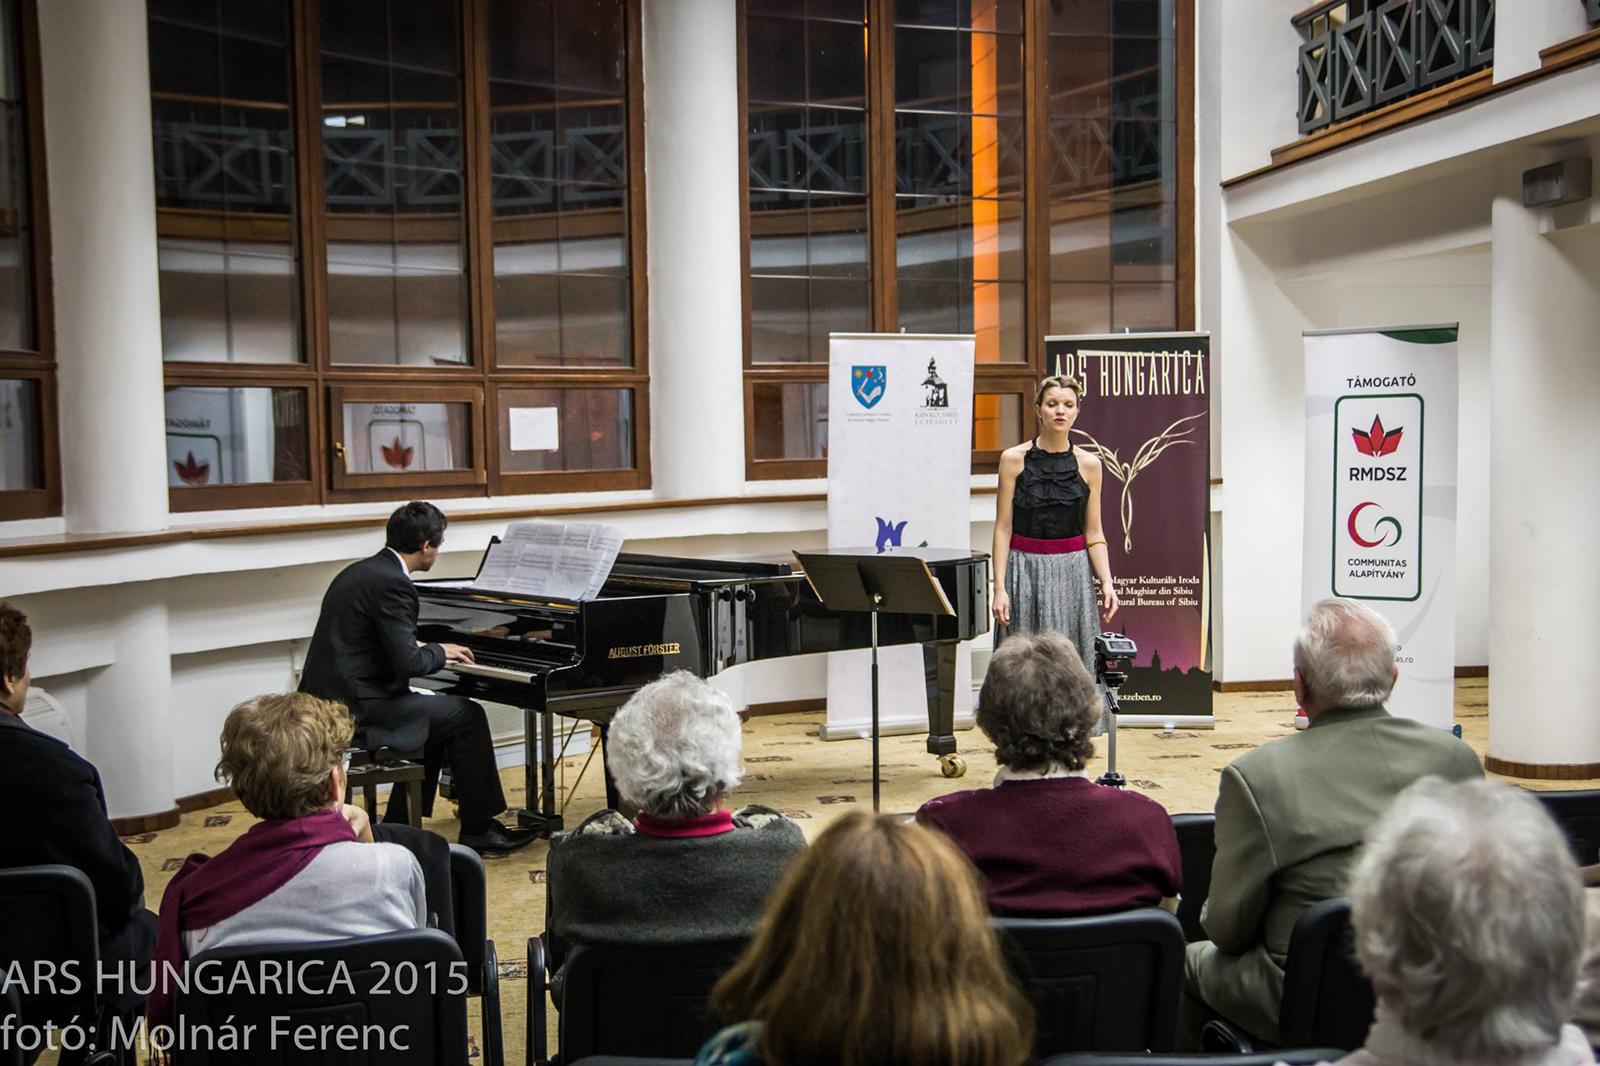 Muzică și teatru pentru copii la Ars Hungarica